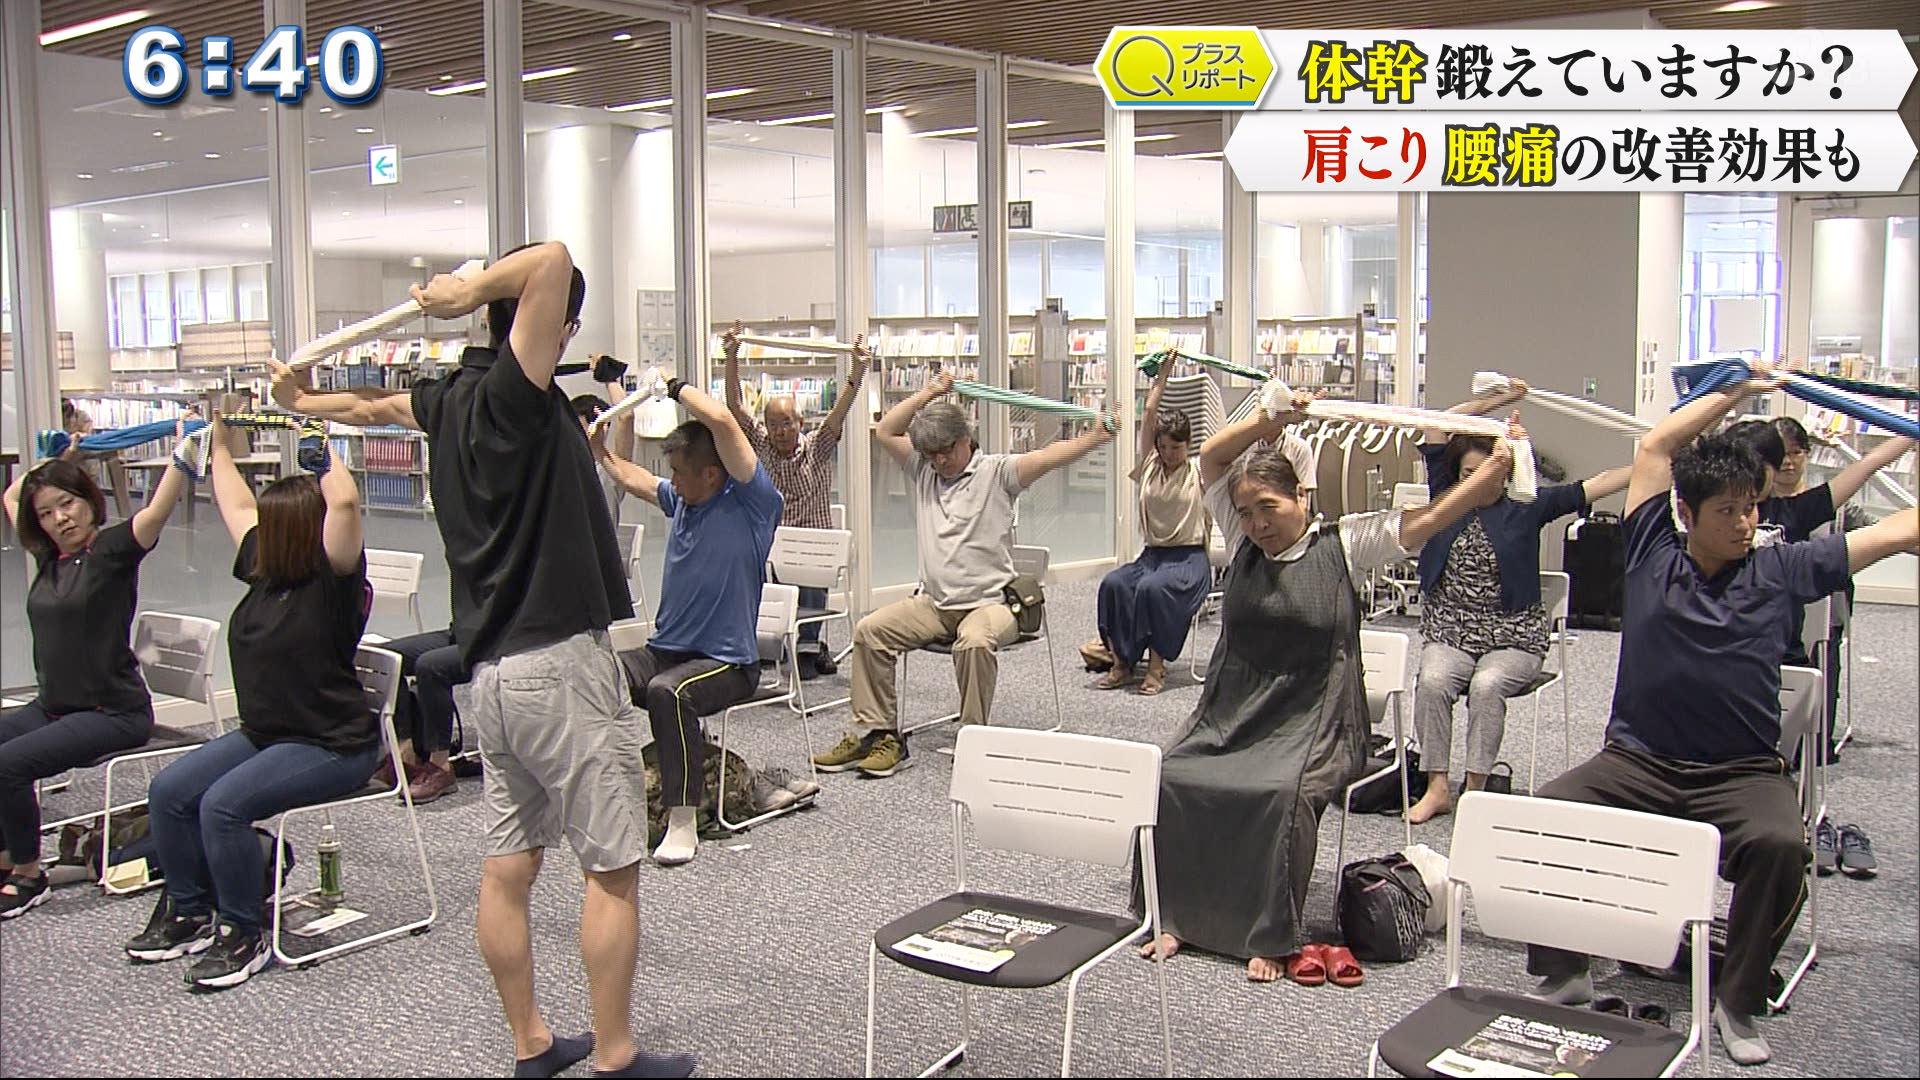 肩こりや腰痛を治す体幹トレーニング